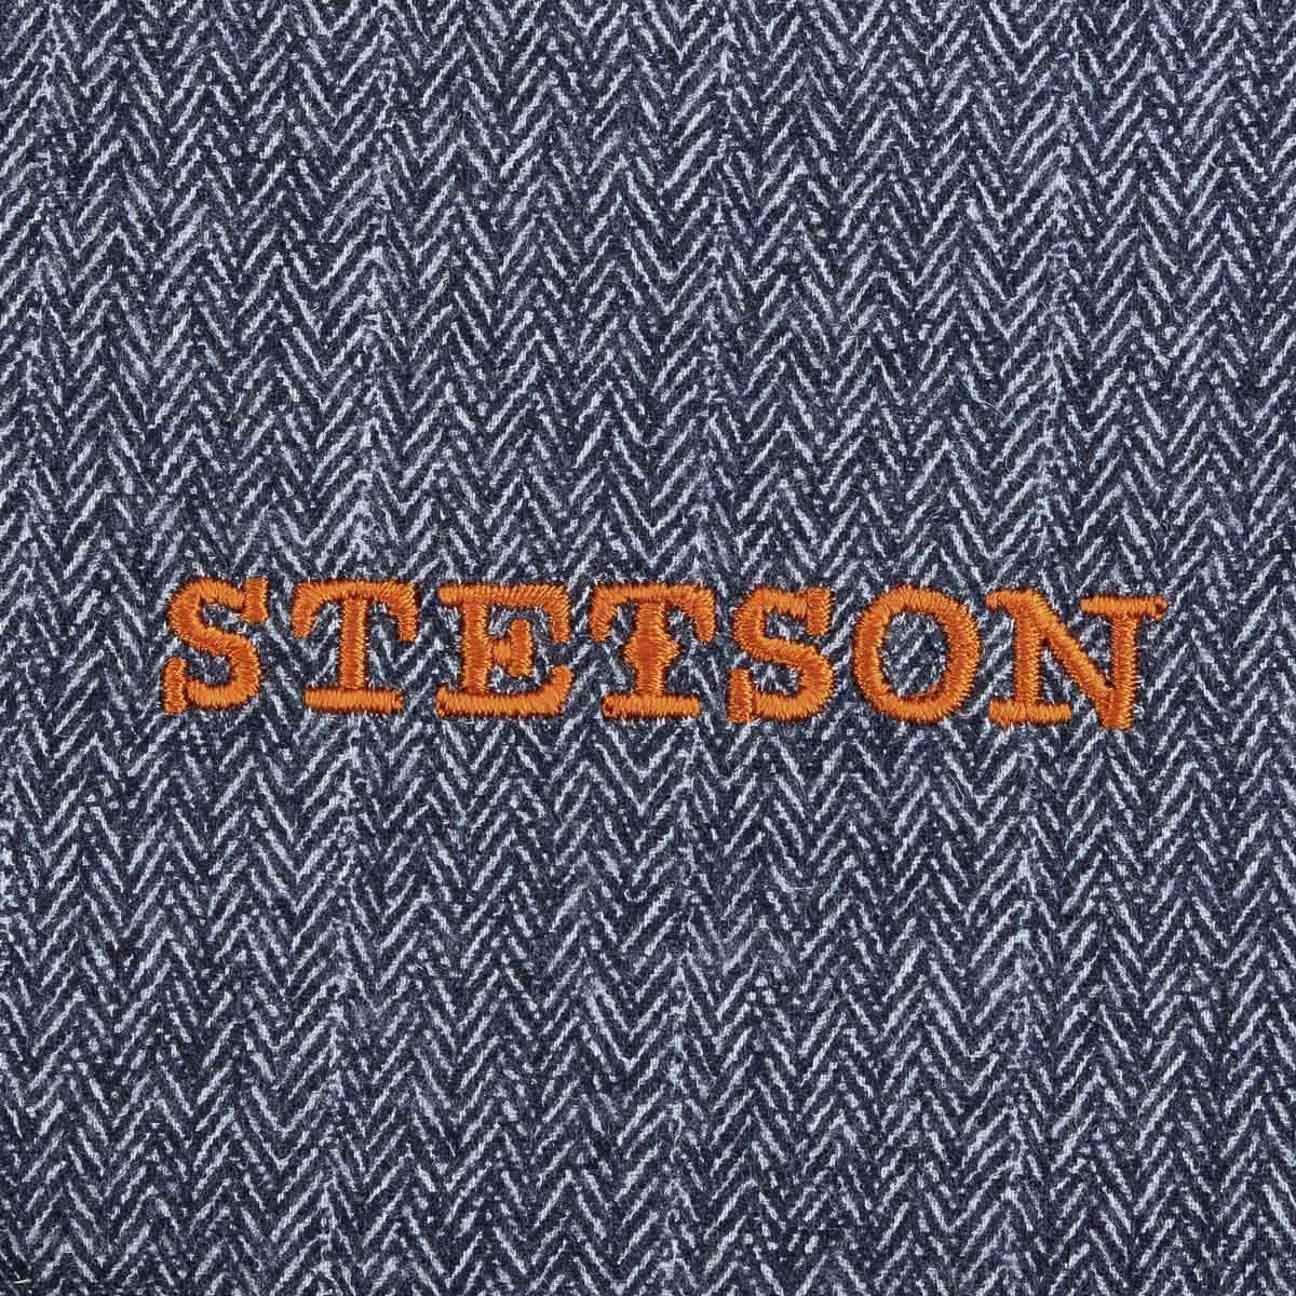 Stetson Hatteras Herringbone Coppola Berretto Piatto Newsboy Cappello  Invernale 744886f5d172